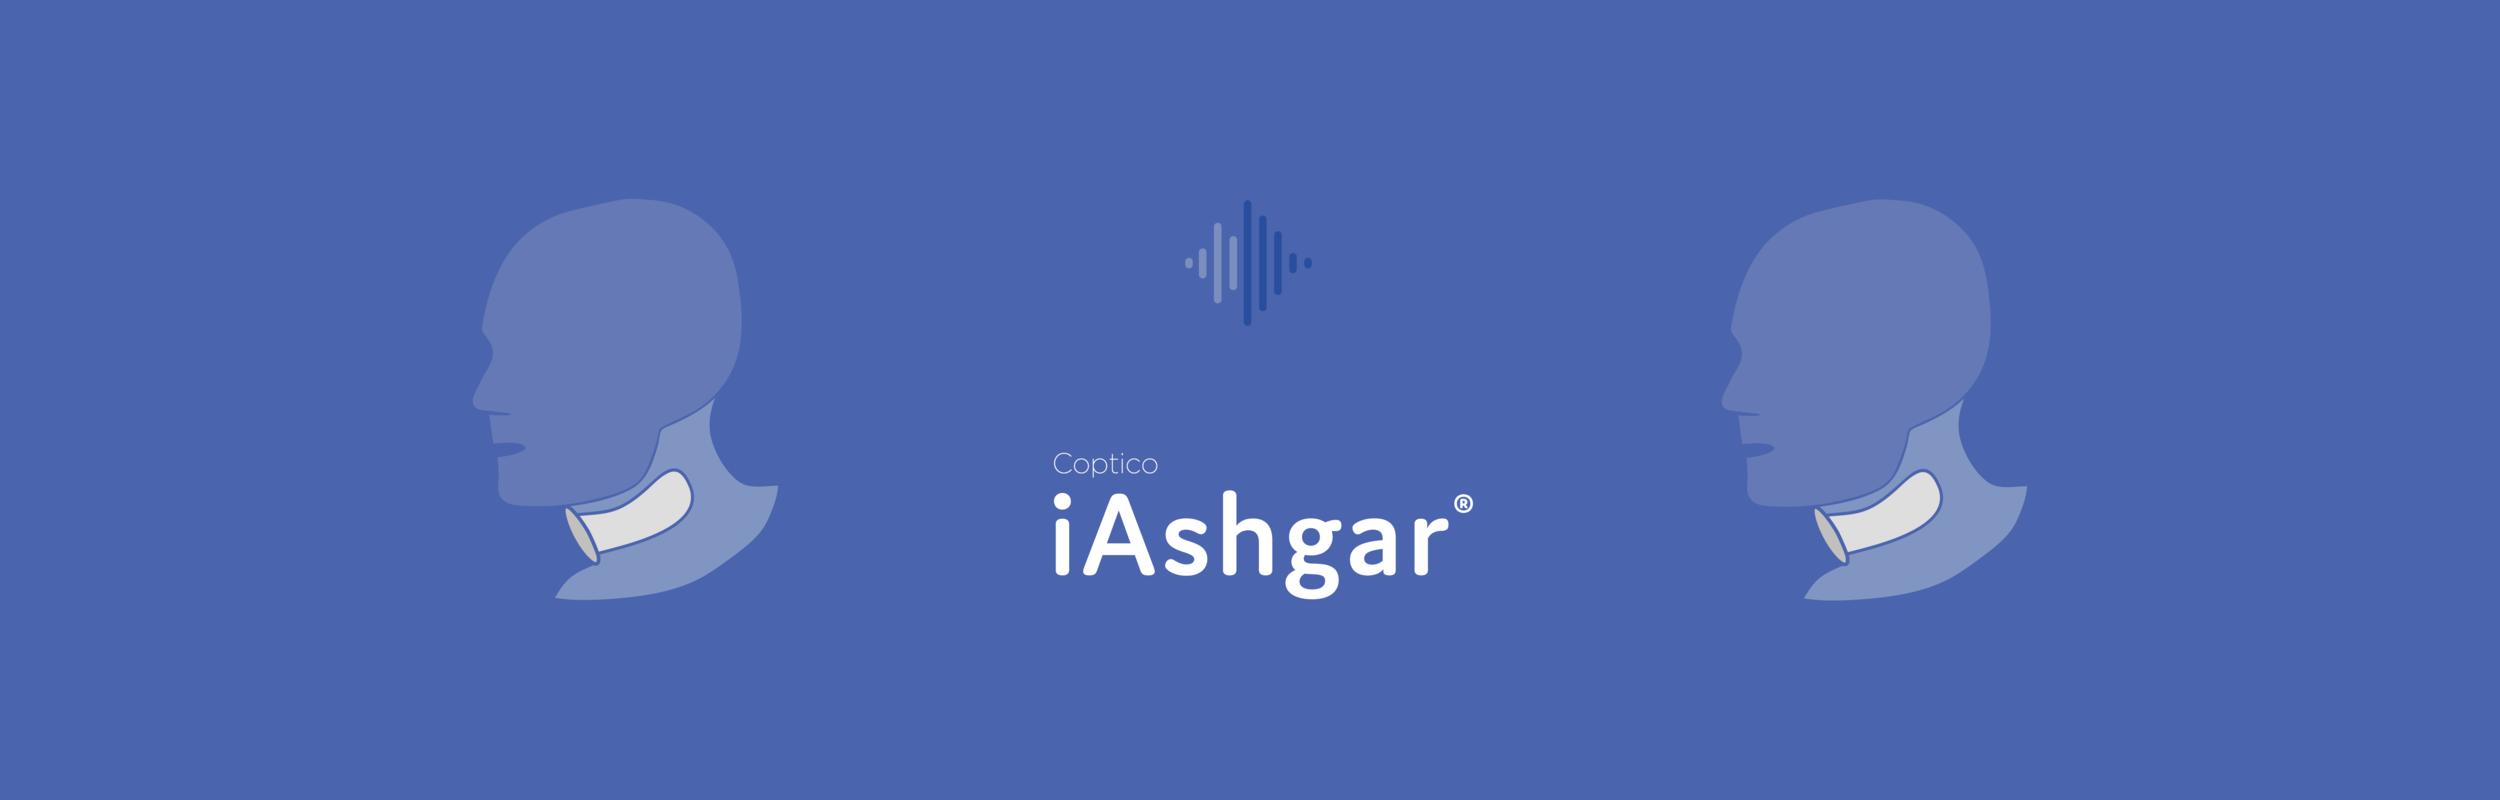 iashgar-website-graphics-01.png